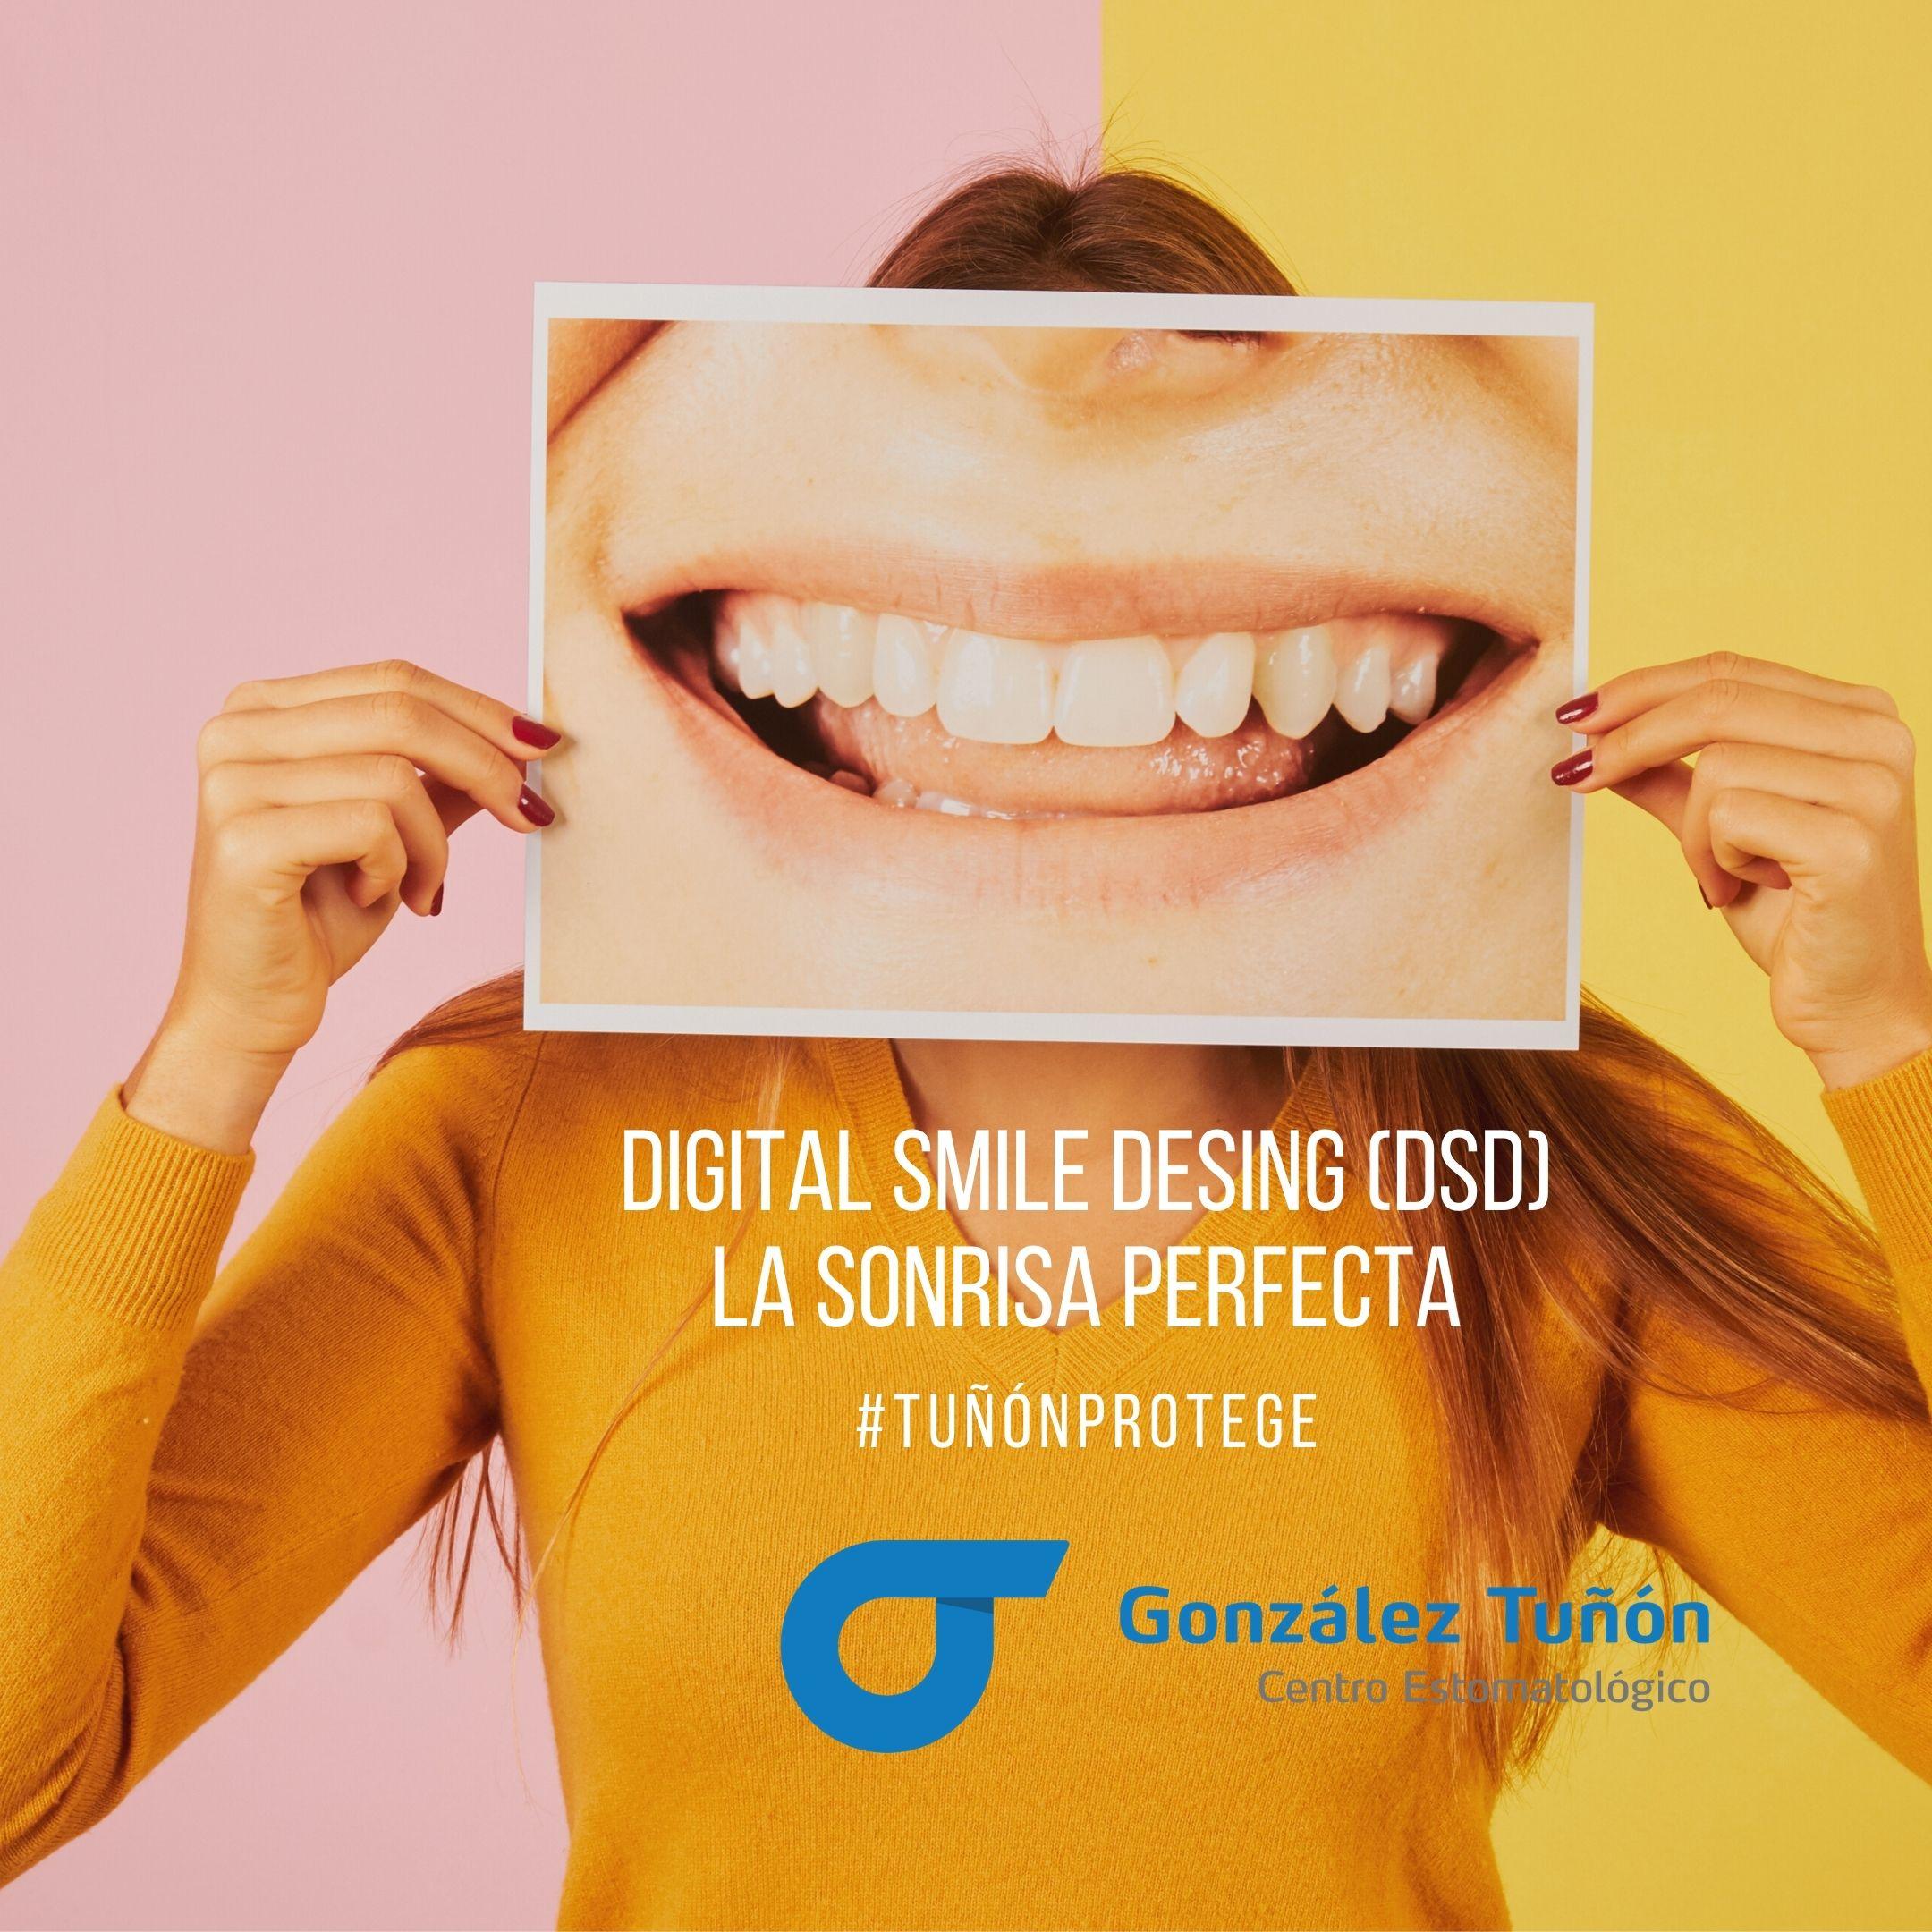 La sonrisa perfecta Digital Smile Desing DSD